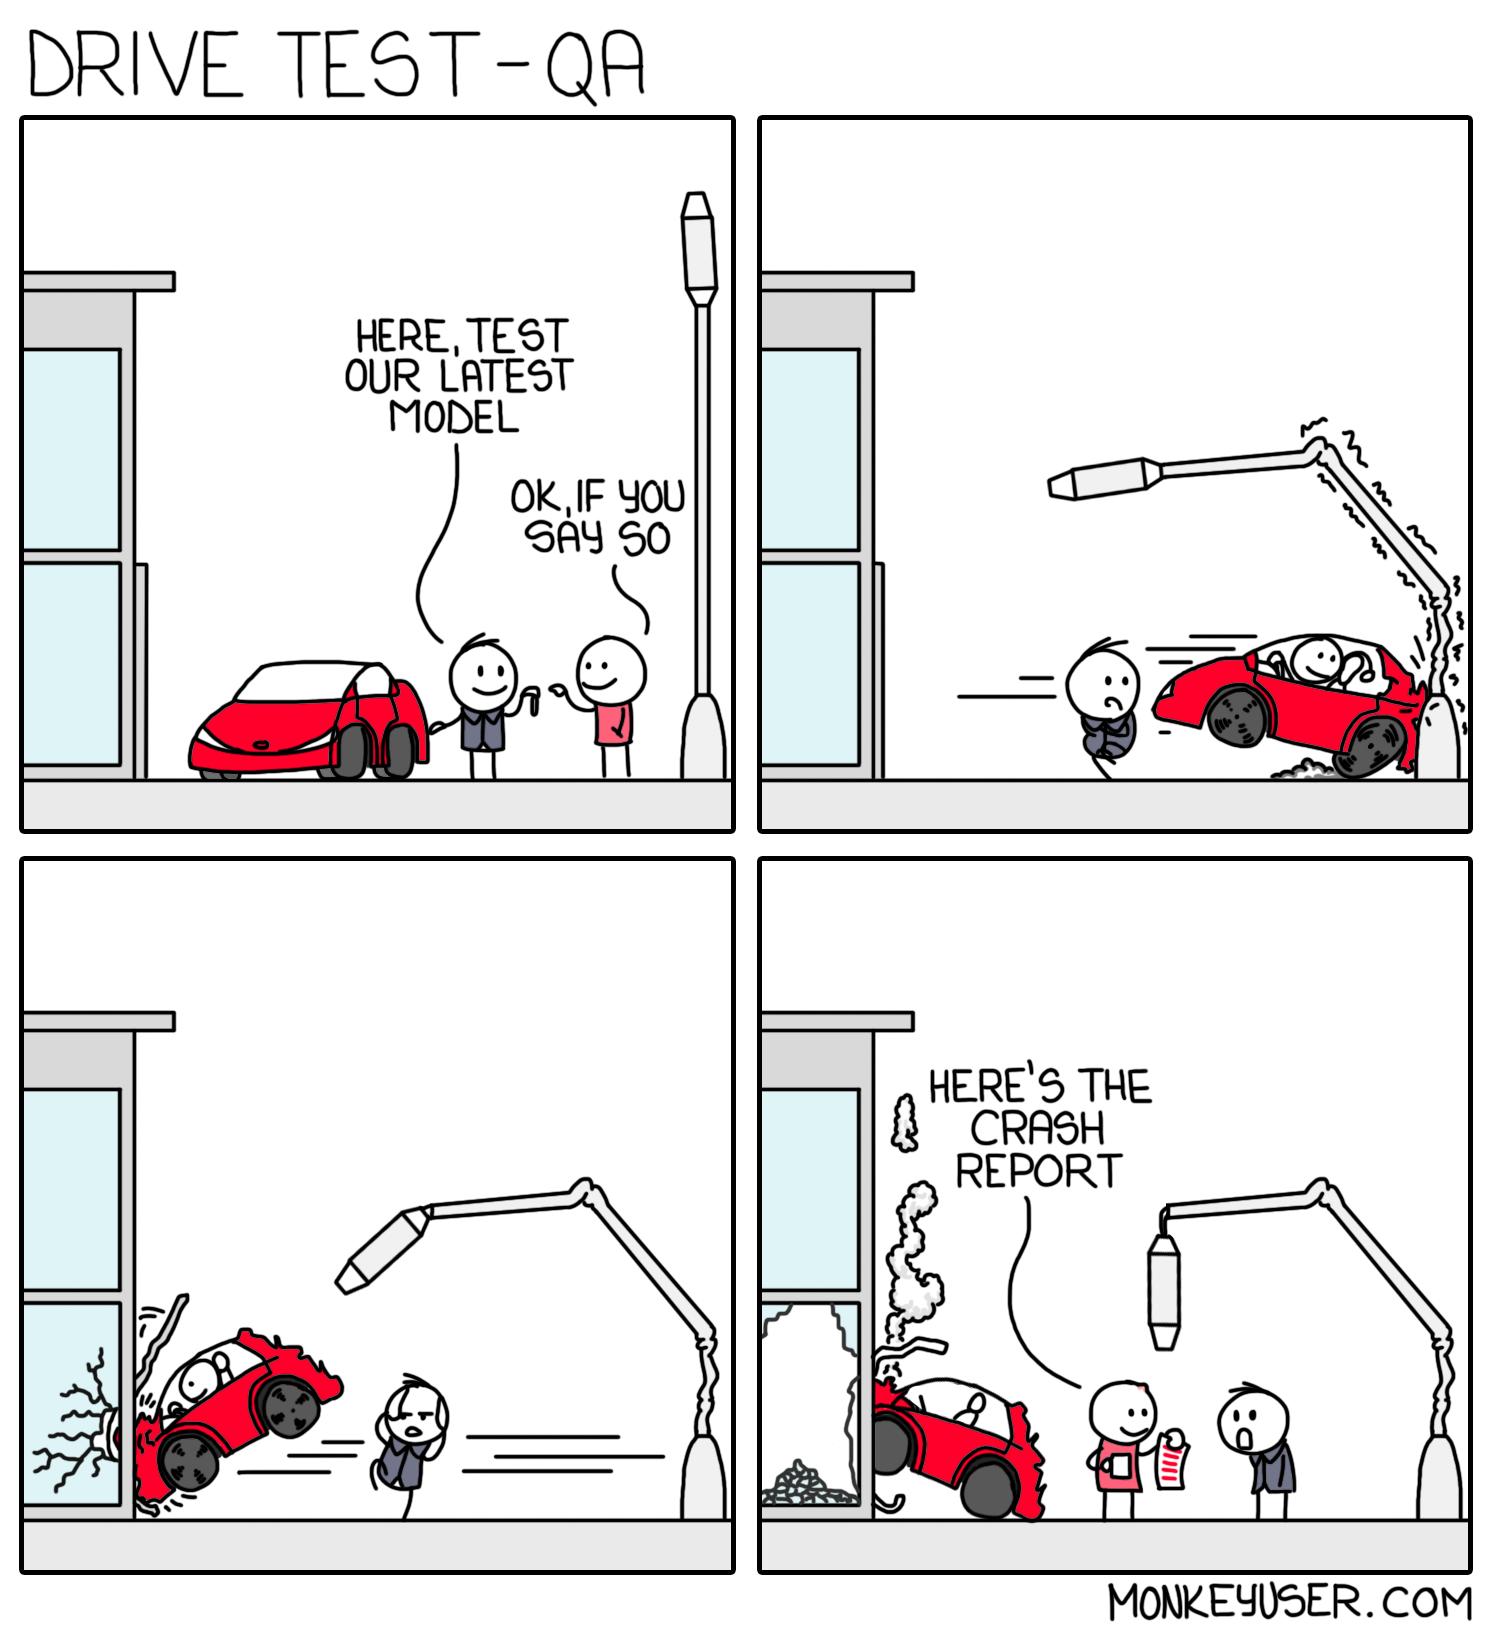 Drive Test - QA